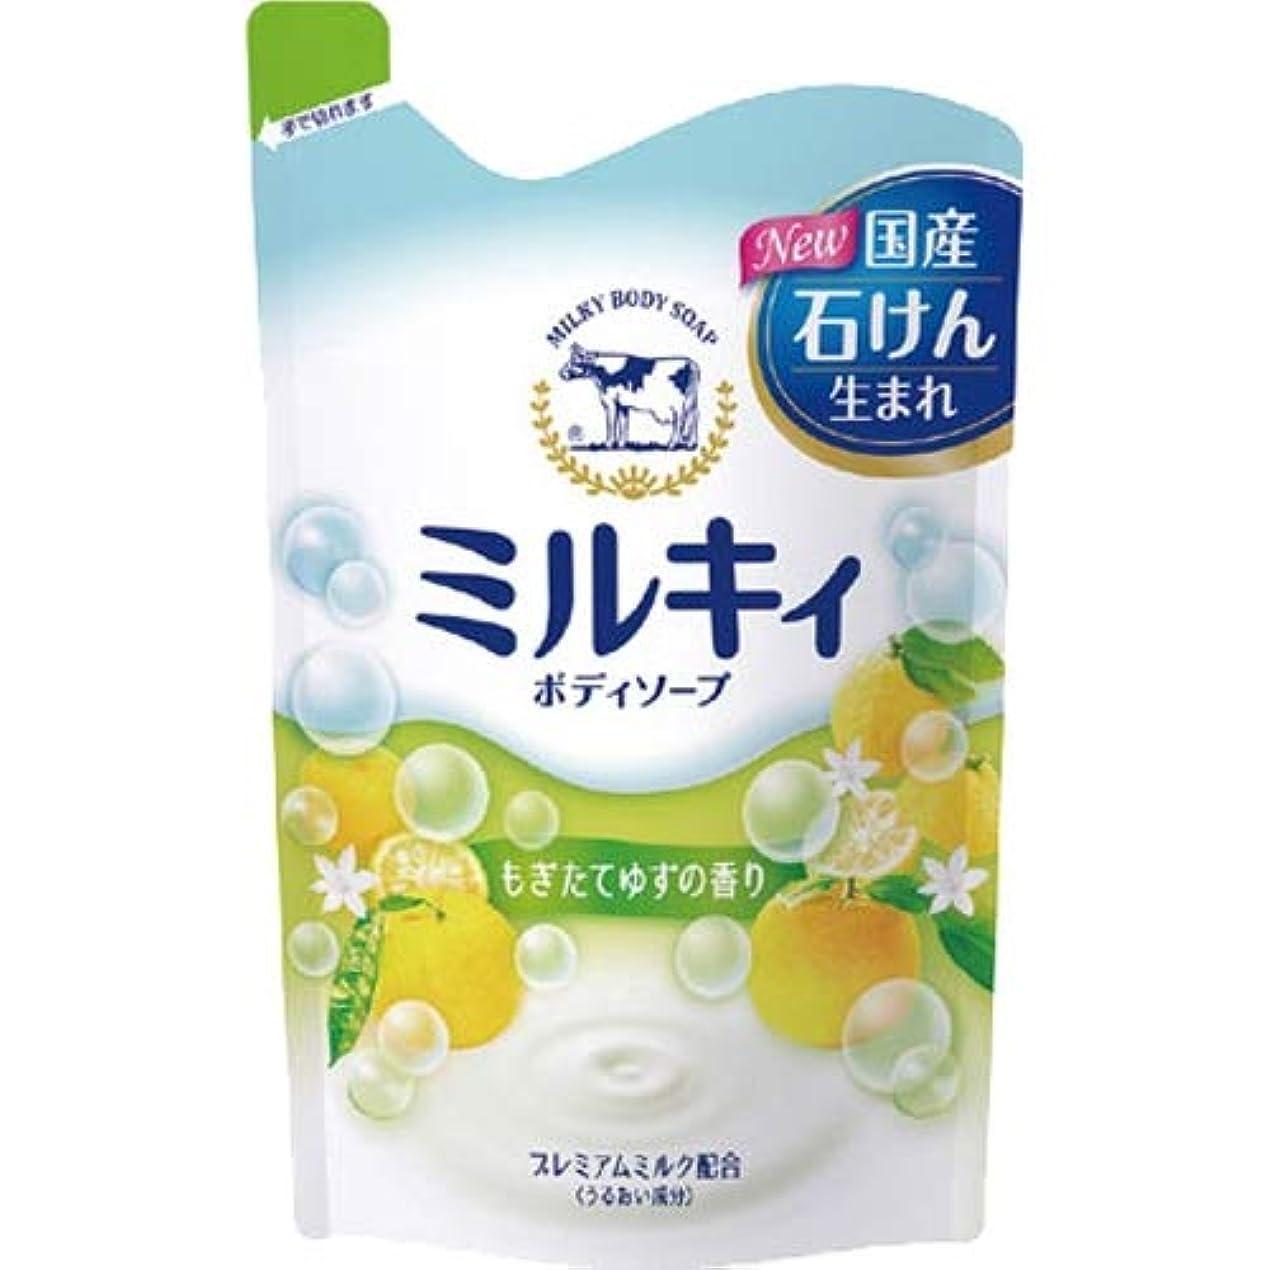 生じる環境保護主義者ペパーミントミルキィ ボディソープ シトラスソープの香り 詰替用400mL